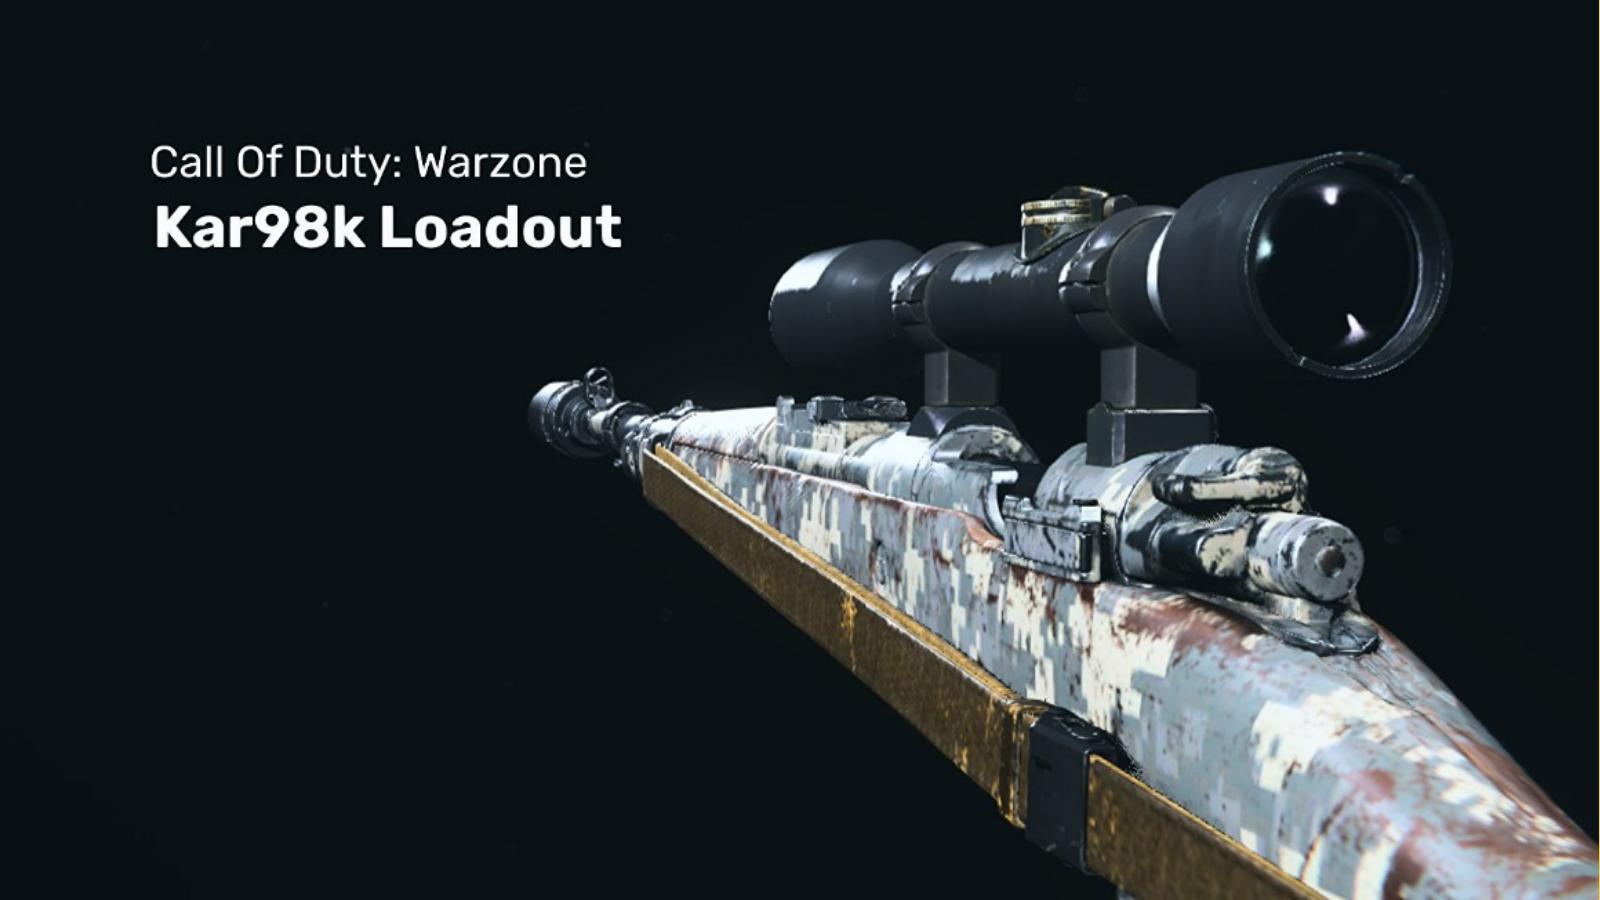 COD Warzone: The Best KAR 98K Warzone Loadout